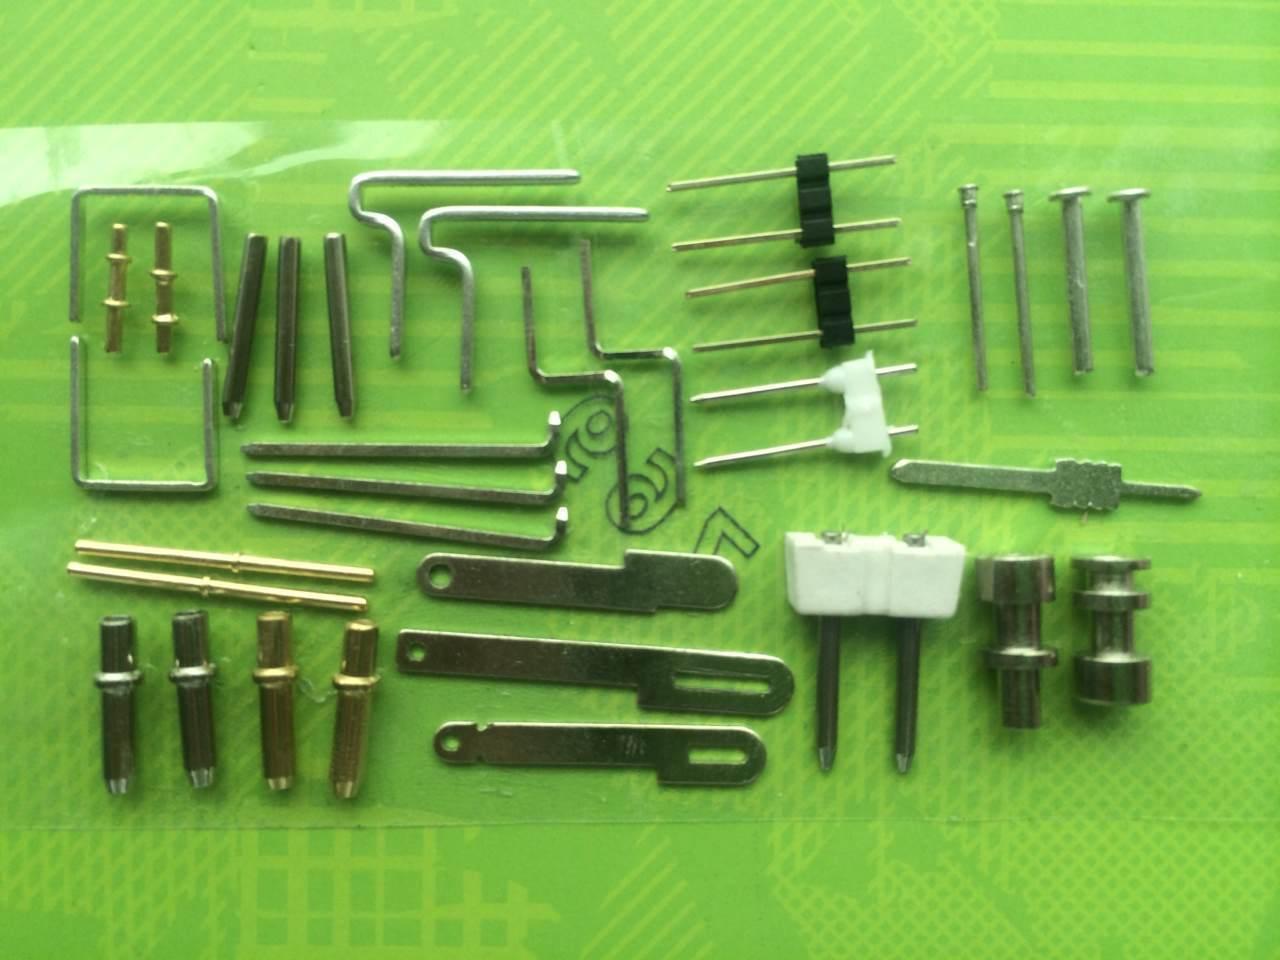 嘉皓新开发PIN针 打翅PIN针插针引脚环保材质 规格齐全免费拿样